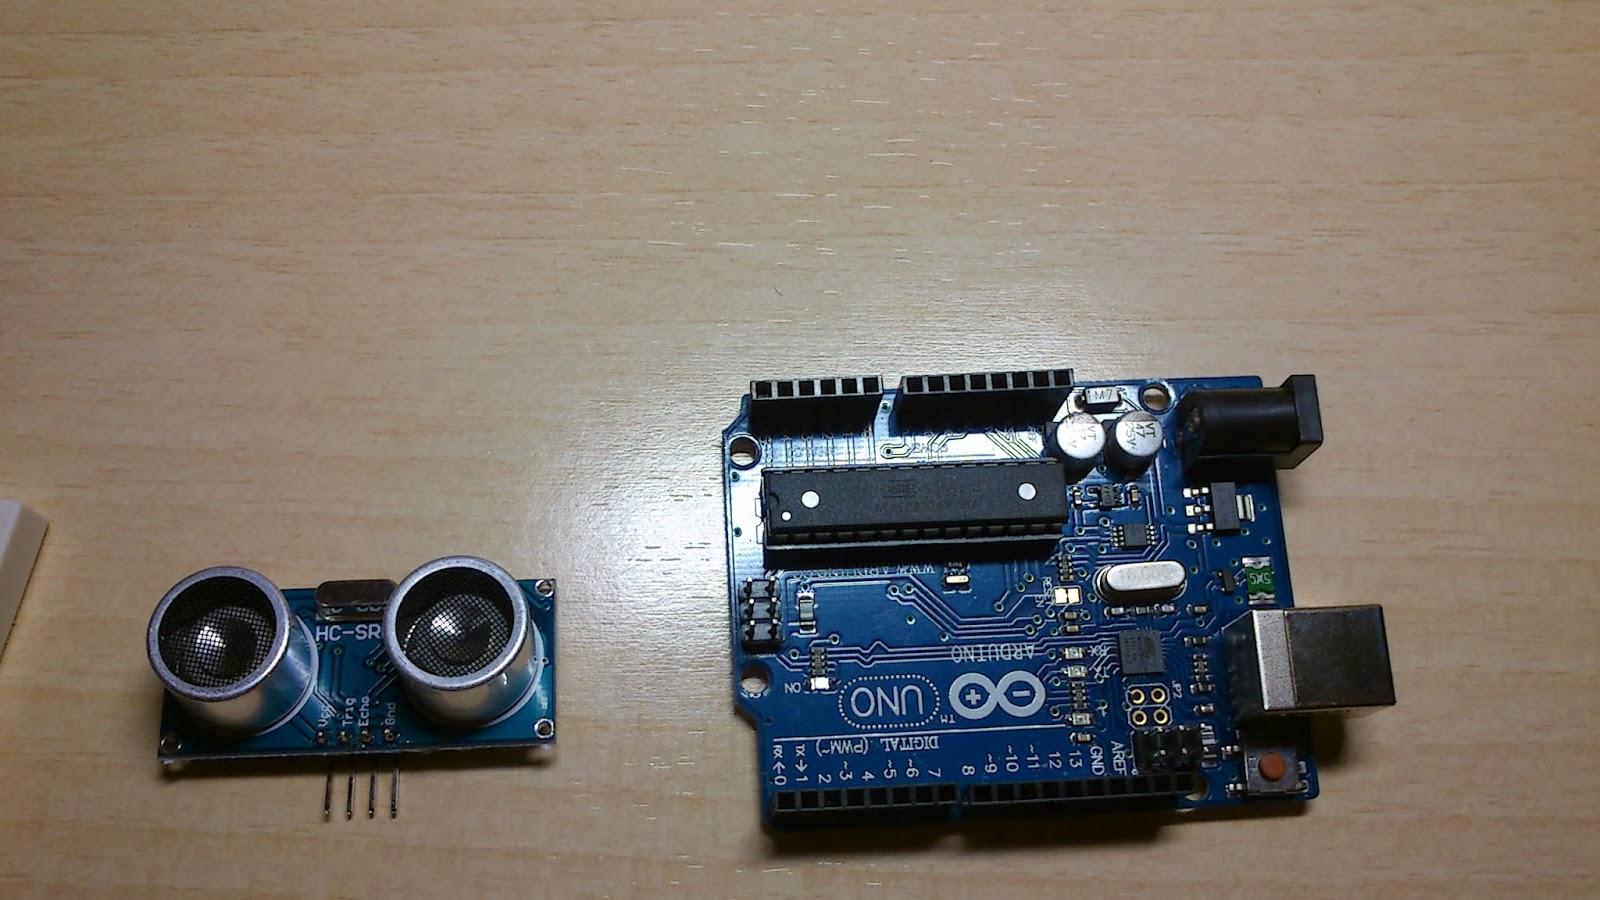 DSC 06085B15D - Electrogeek